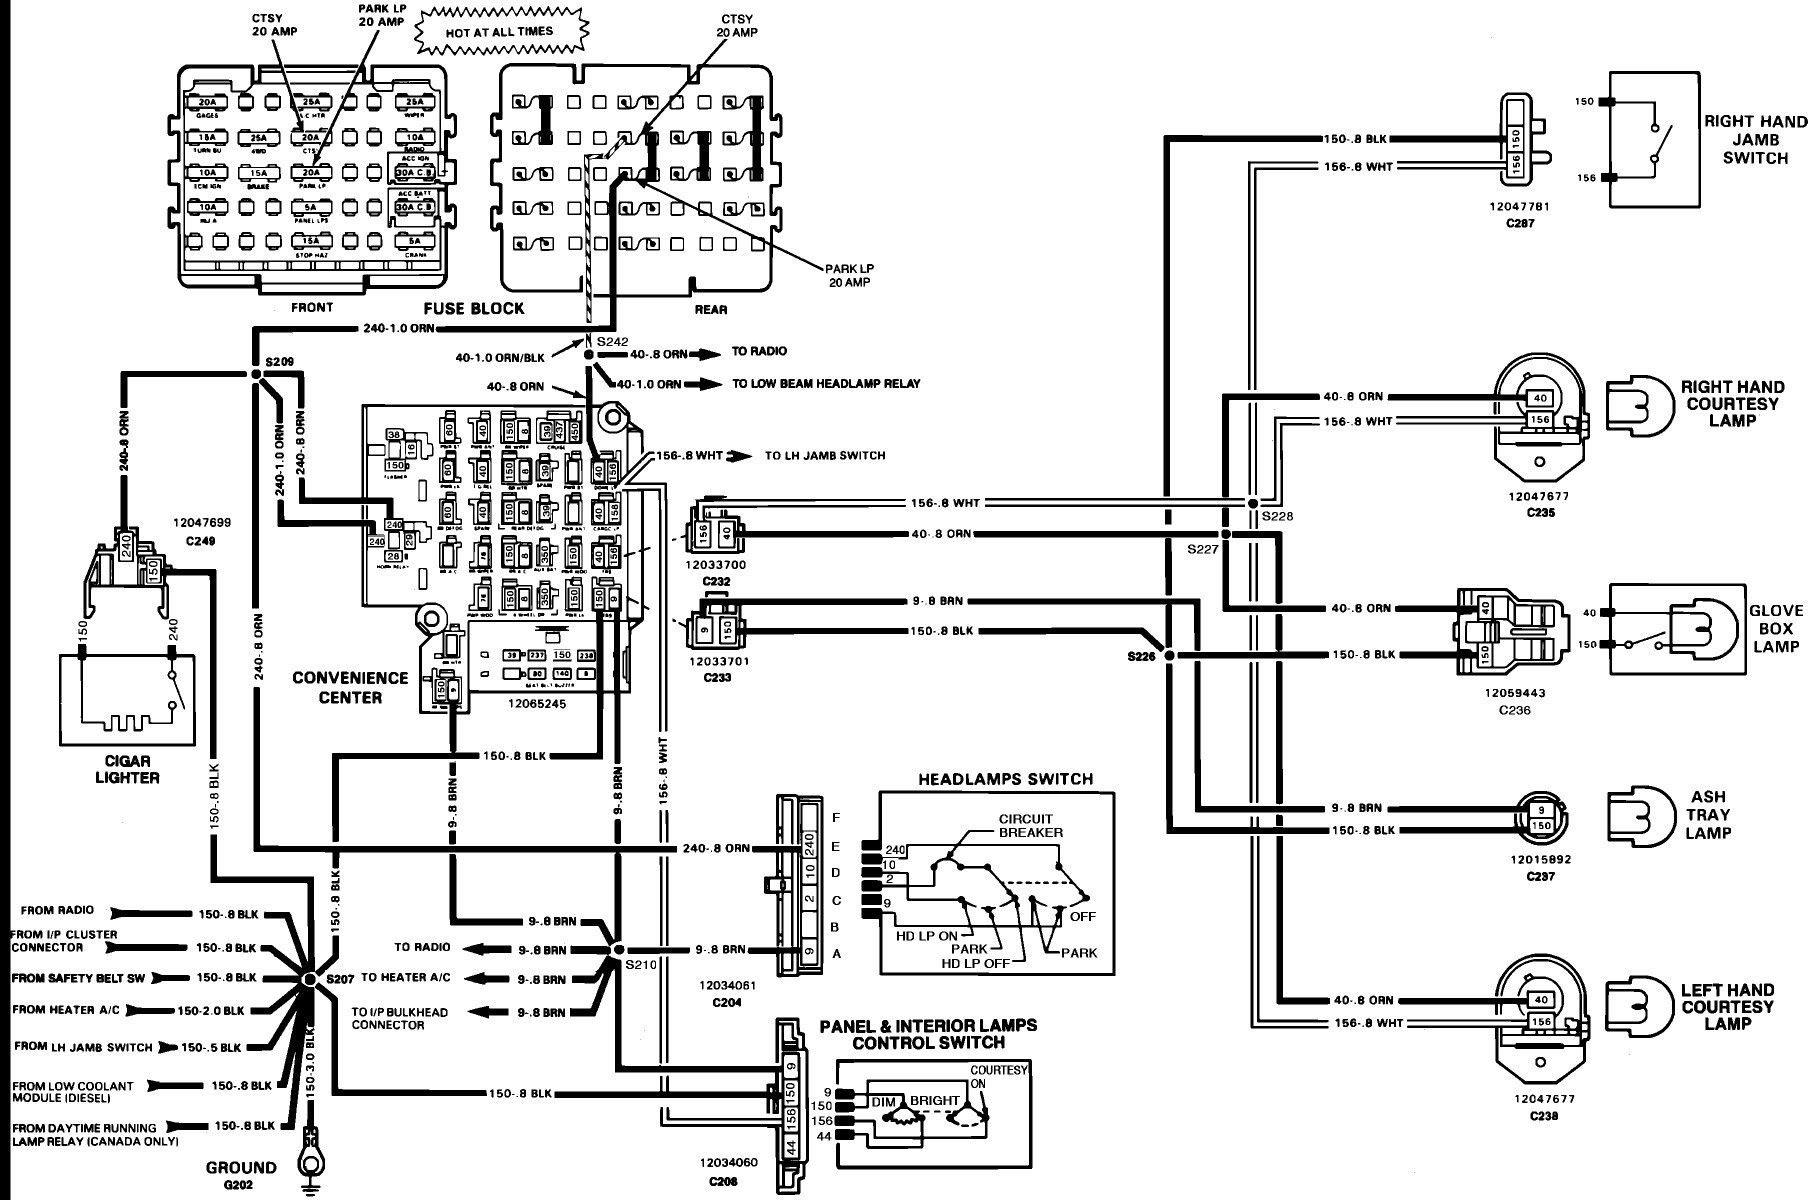 Ac Plug Wiring Diagram Diagram Diagramtemplate Diagramsample Circuito Electrico Cableado Electrico Jeep Grand Cherokee